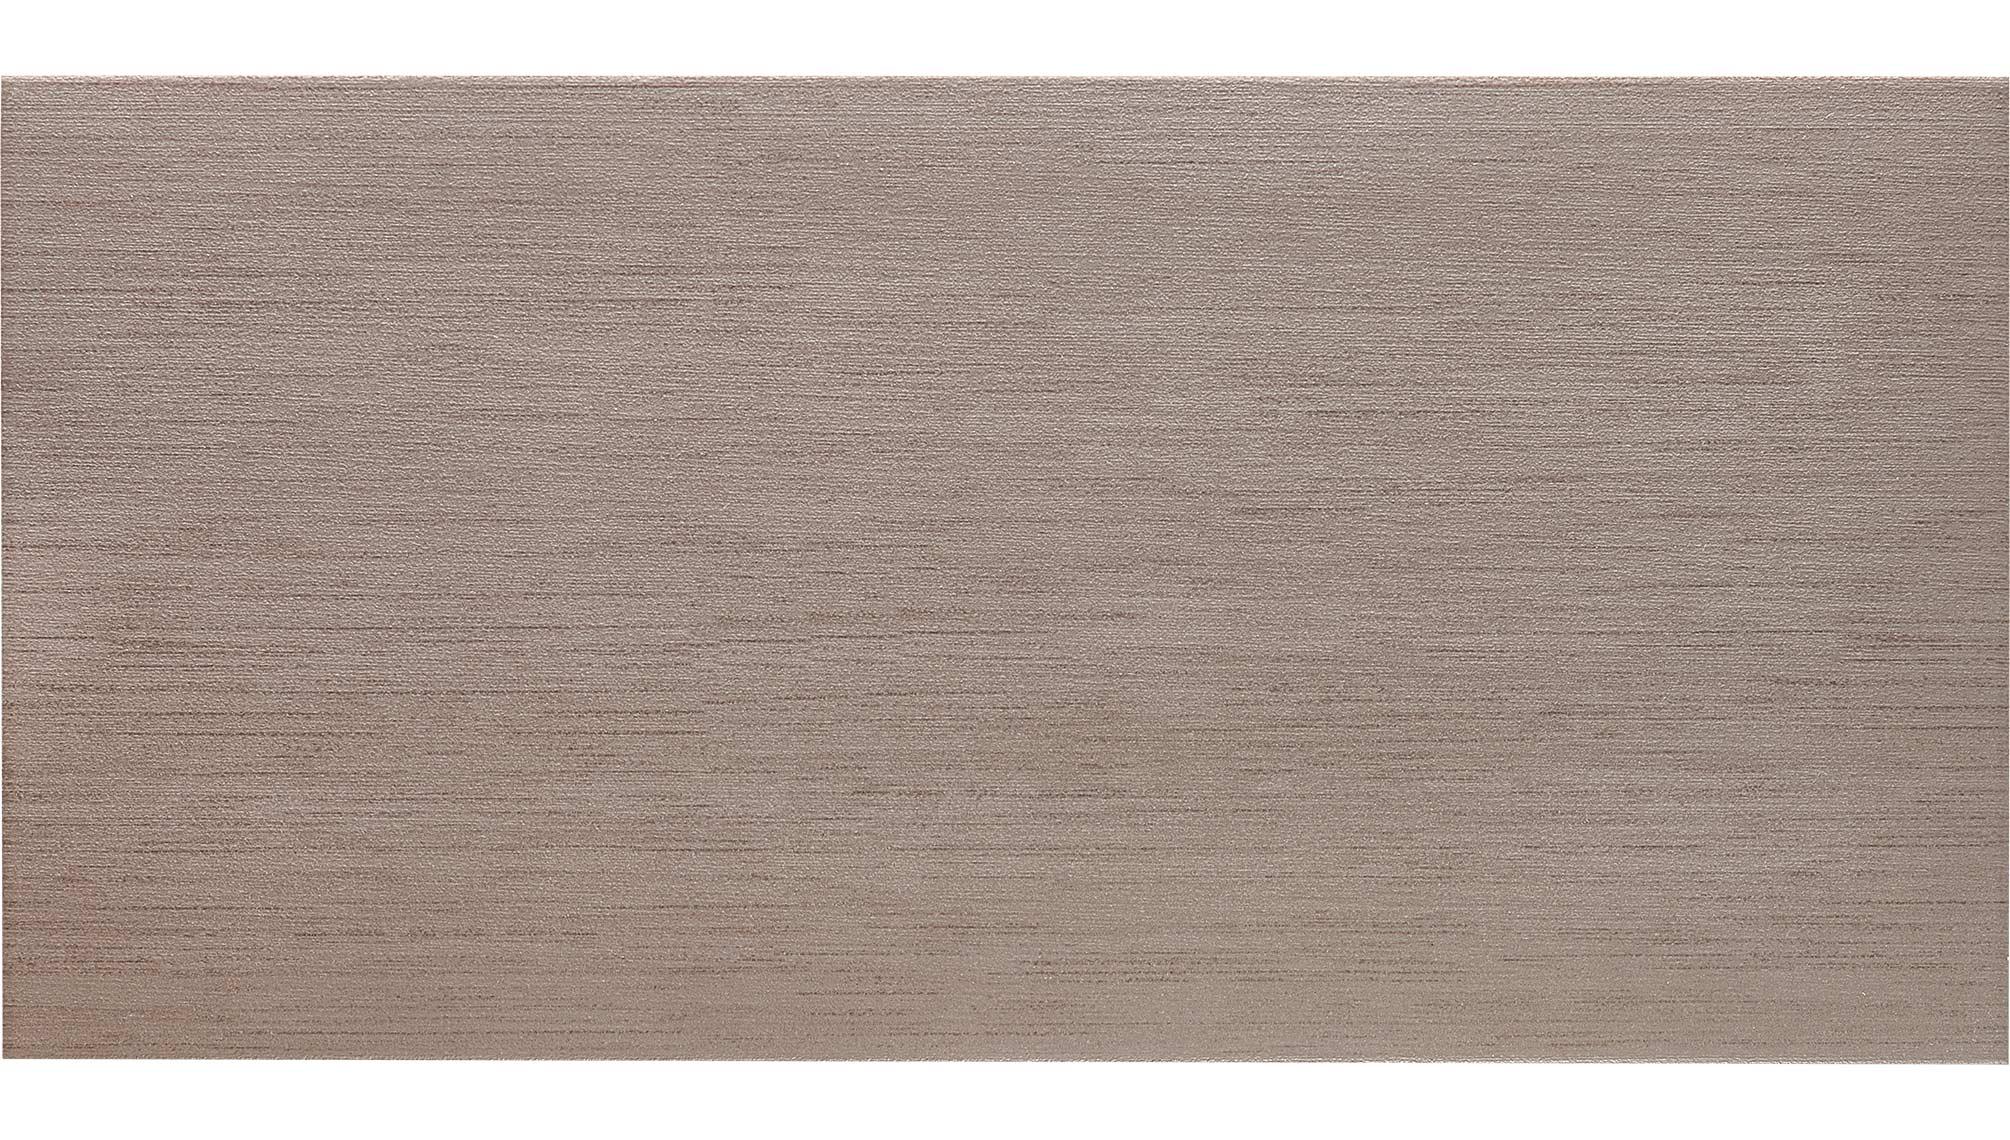 syrio braun 30x60 fliesen rovese meissen keramik. Black Bedroom Furniture Sets. Home Design Ideas